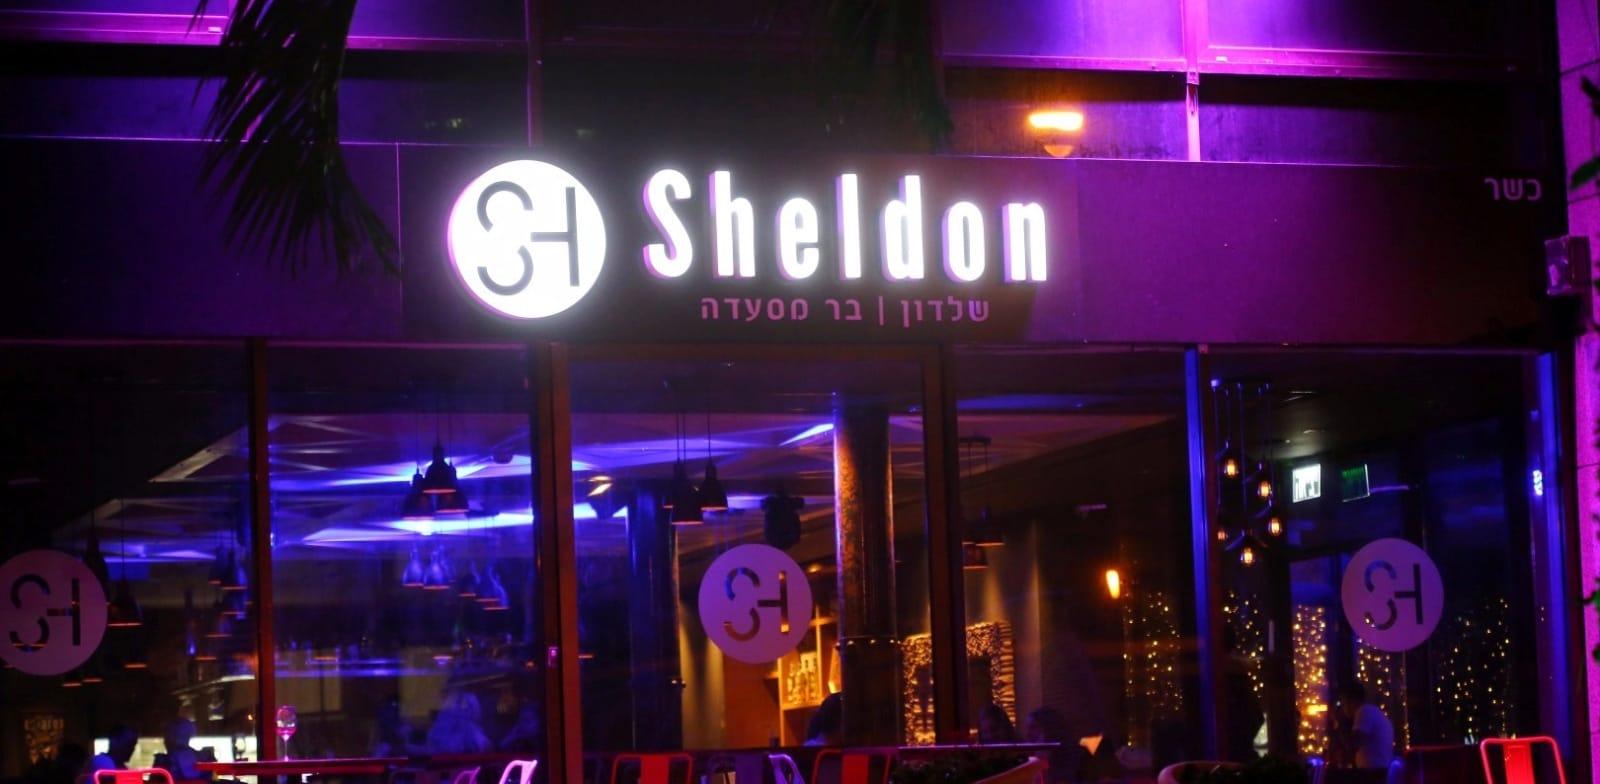 מסעדת שלדון ברמת גן / צילום: תמונה פרטית